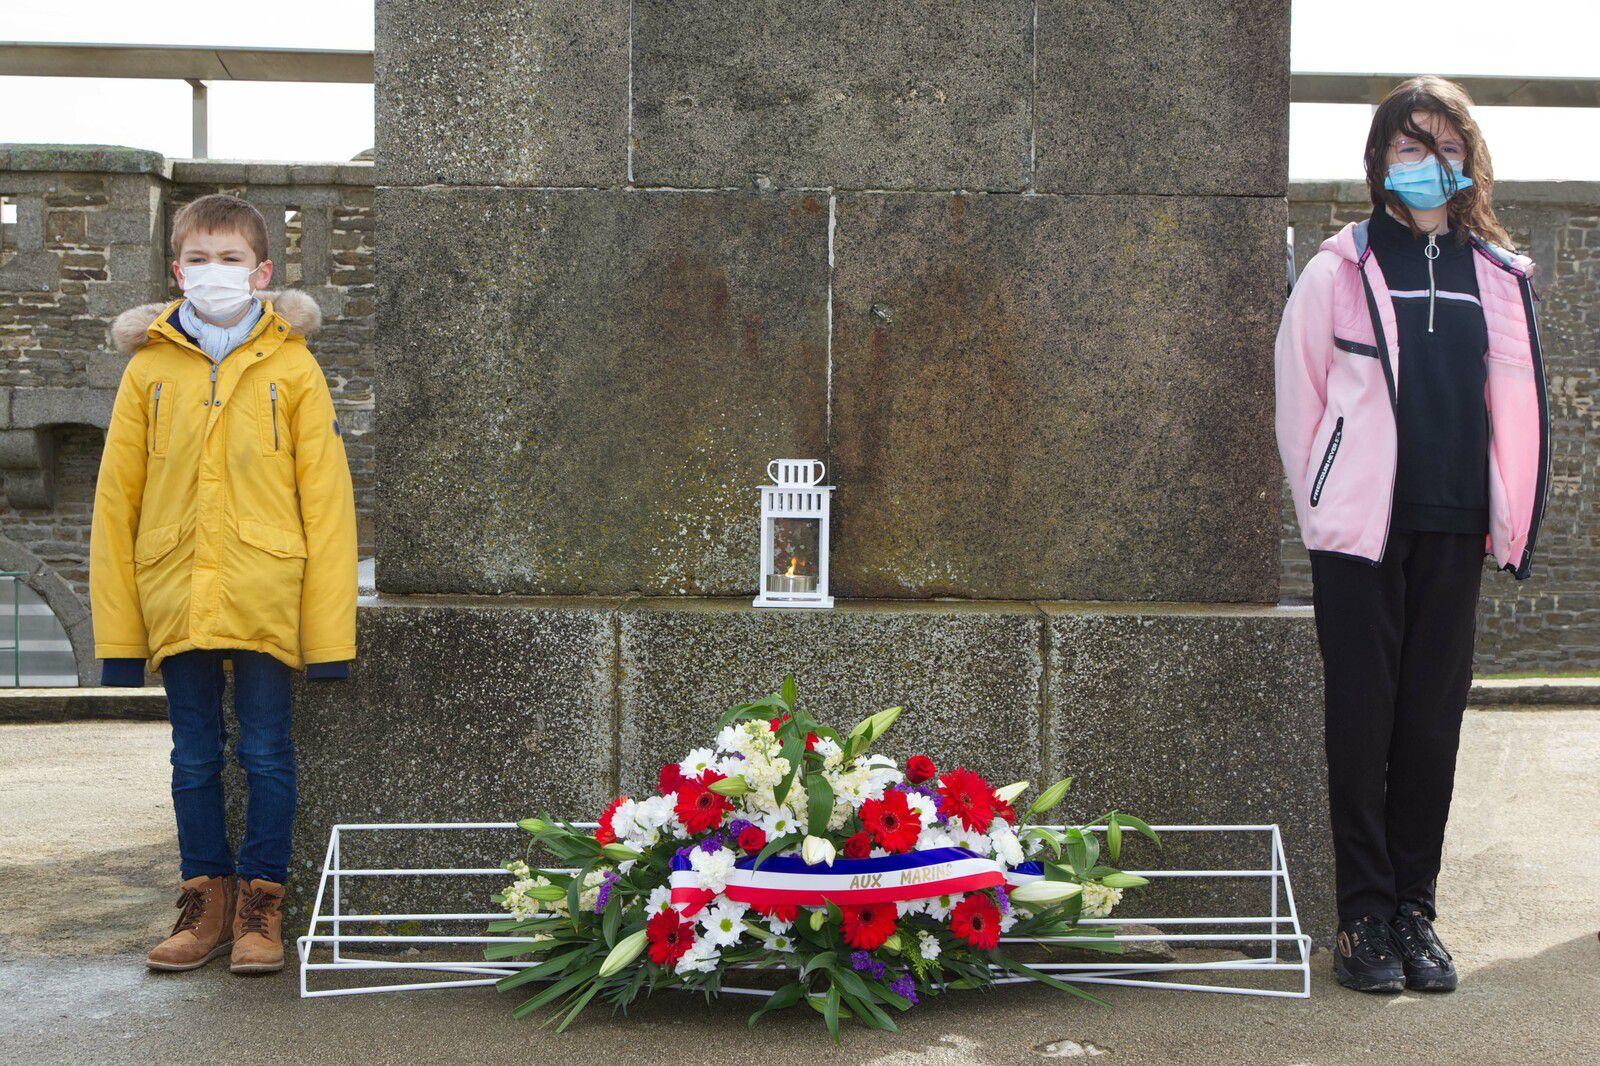 Cérémonie du souvenir - Aux Marins - Mémorial national des marins morts pour la France